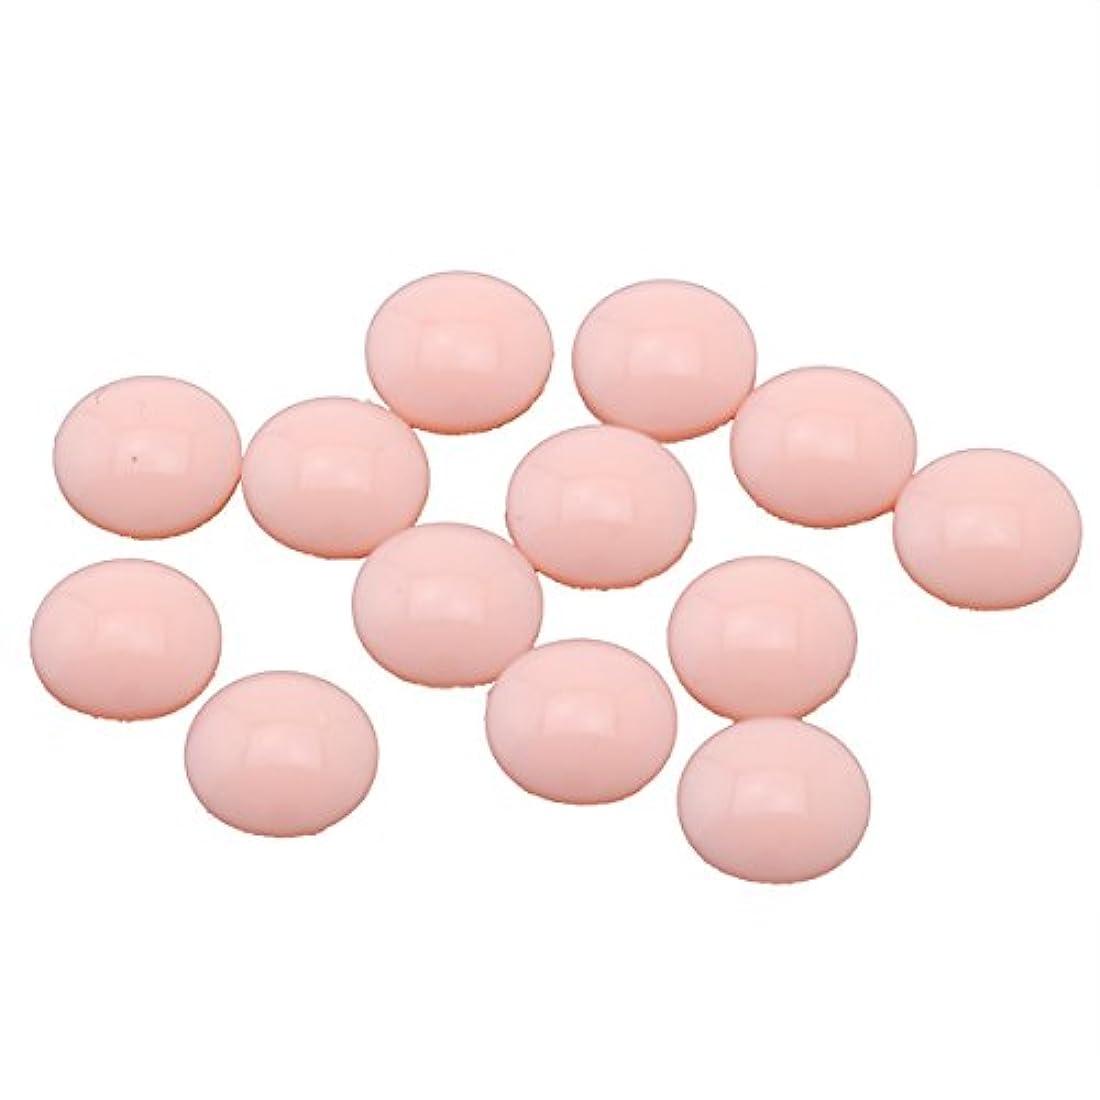 旧正月スタイル金属<エトゥベラ>スモークストーン ラウンド 4mm(各30個) ピンク(4mm)